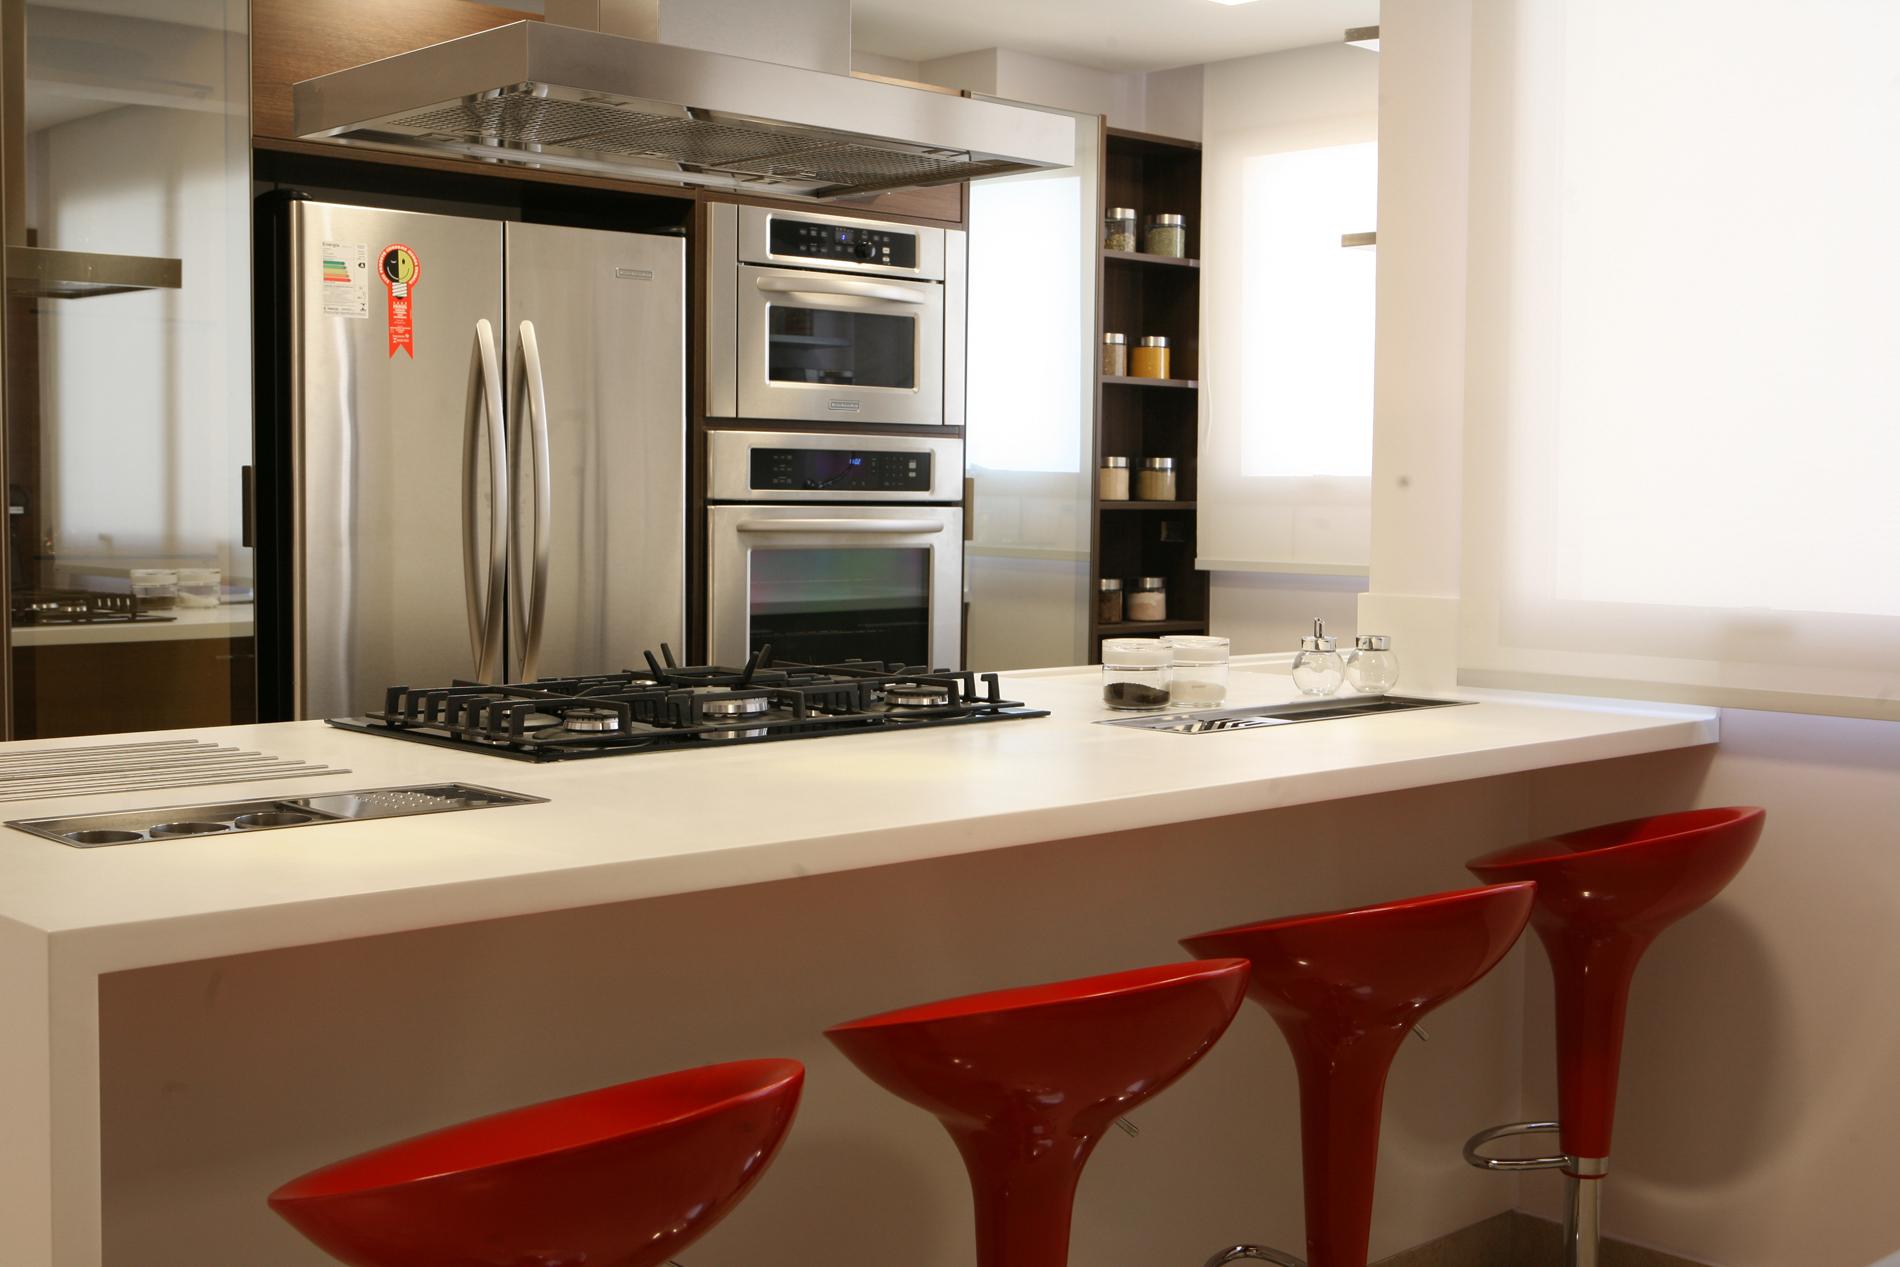 Dicas para não errar na decoração da cozinha Americana #B72614 1900 1267